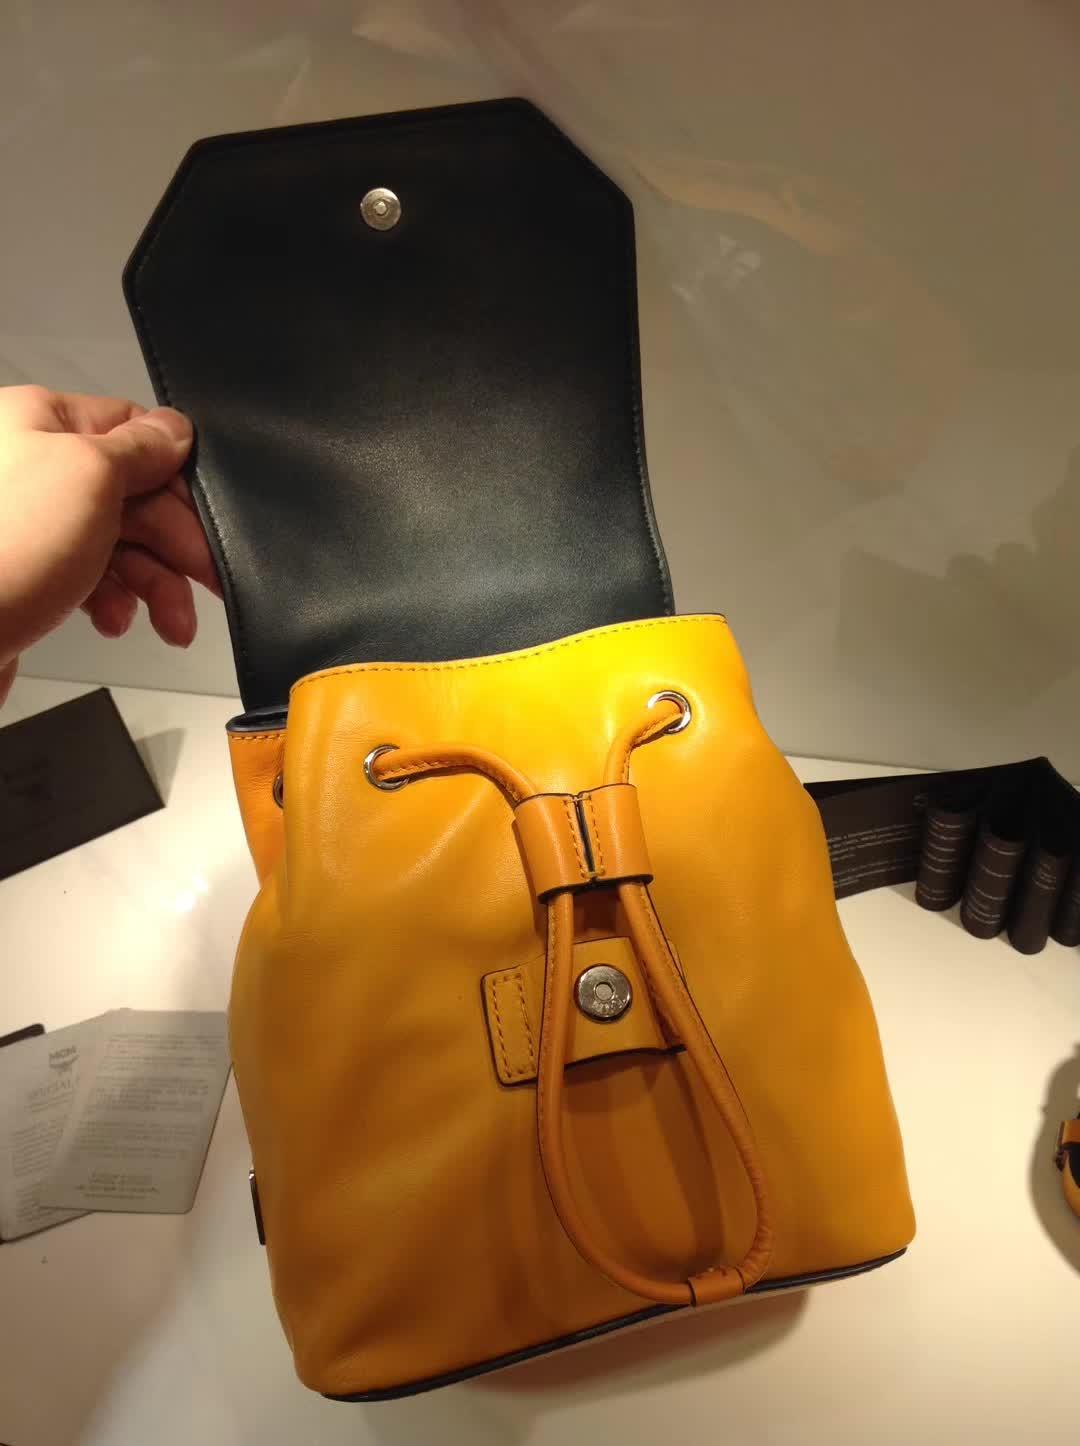 广州白云皮具城 MCM原单品质配包装 斜挎双肩全皮包 黄色